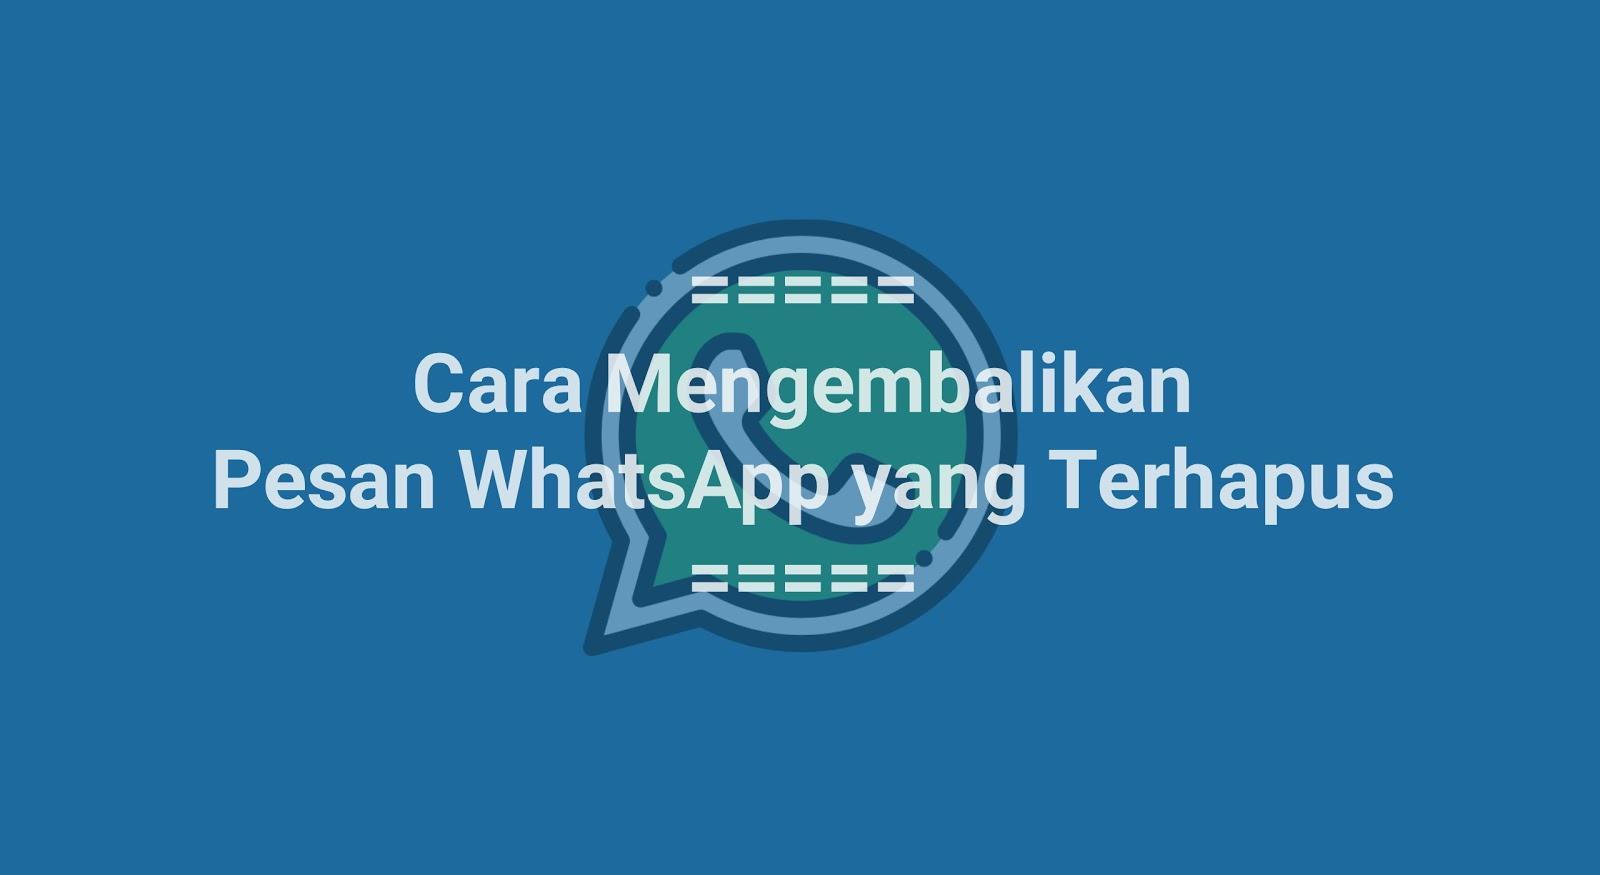 Cara Mengembalikan Pesan WhatsApp yang Terhapus